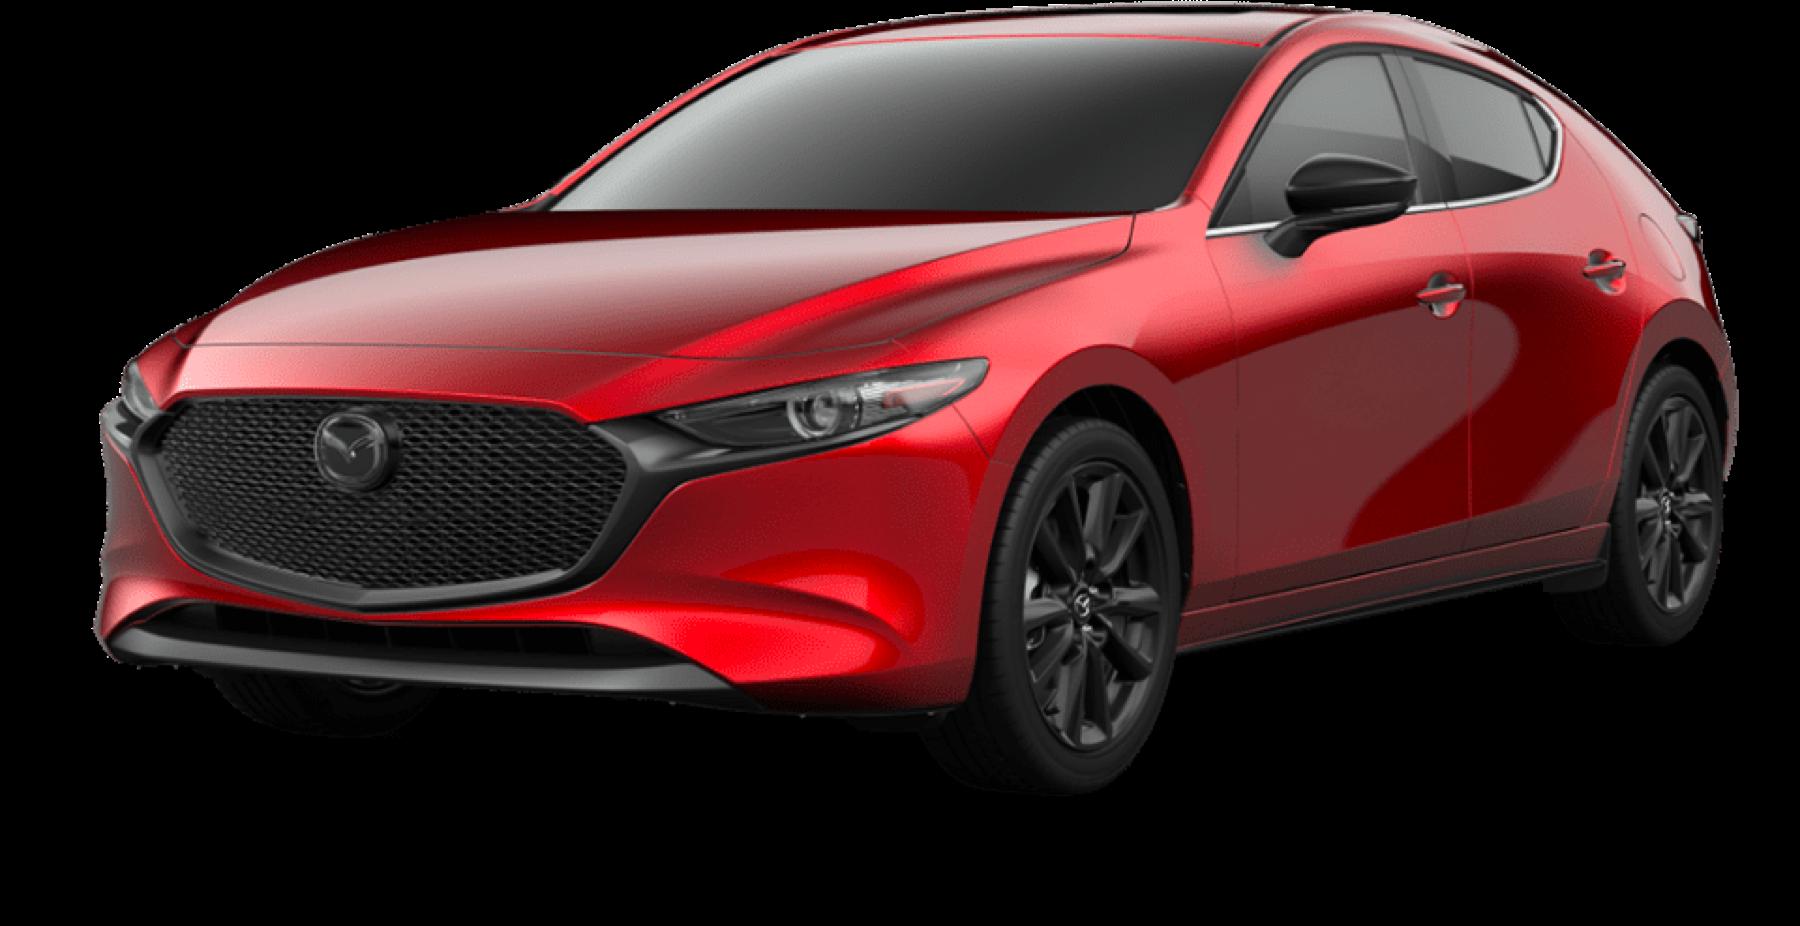 2021 Mazda3 Hatchback, Soul Red Crystal Metallic